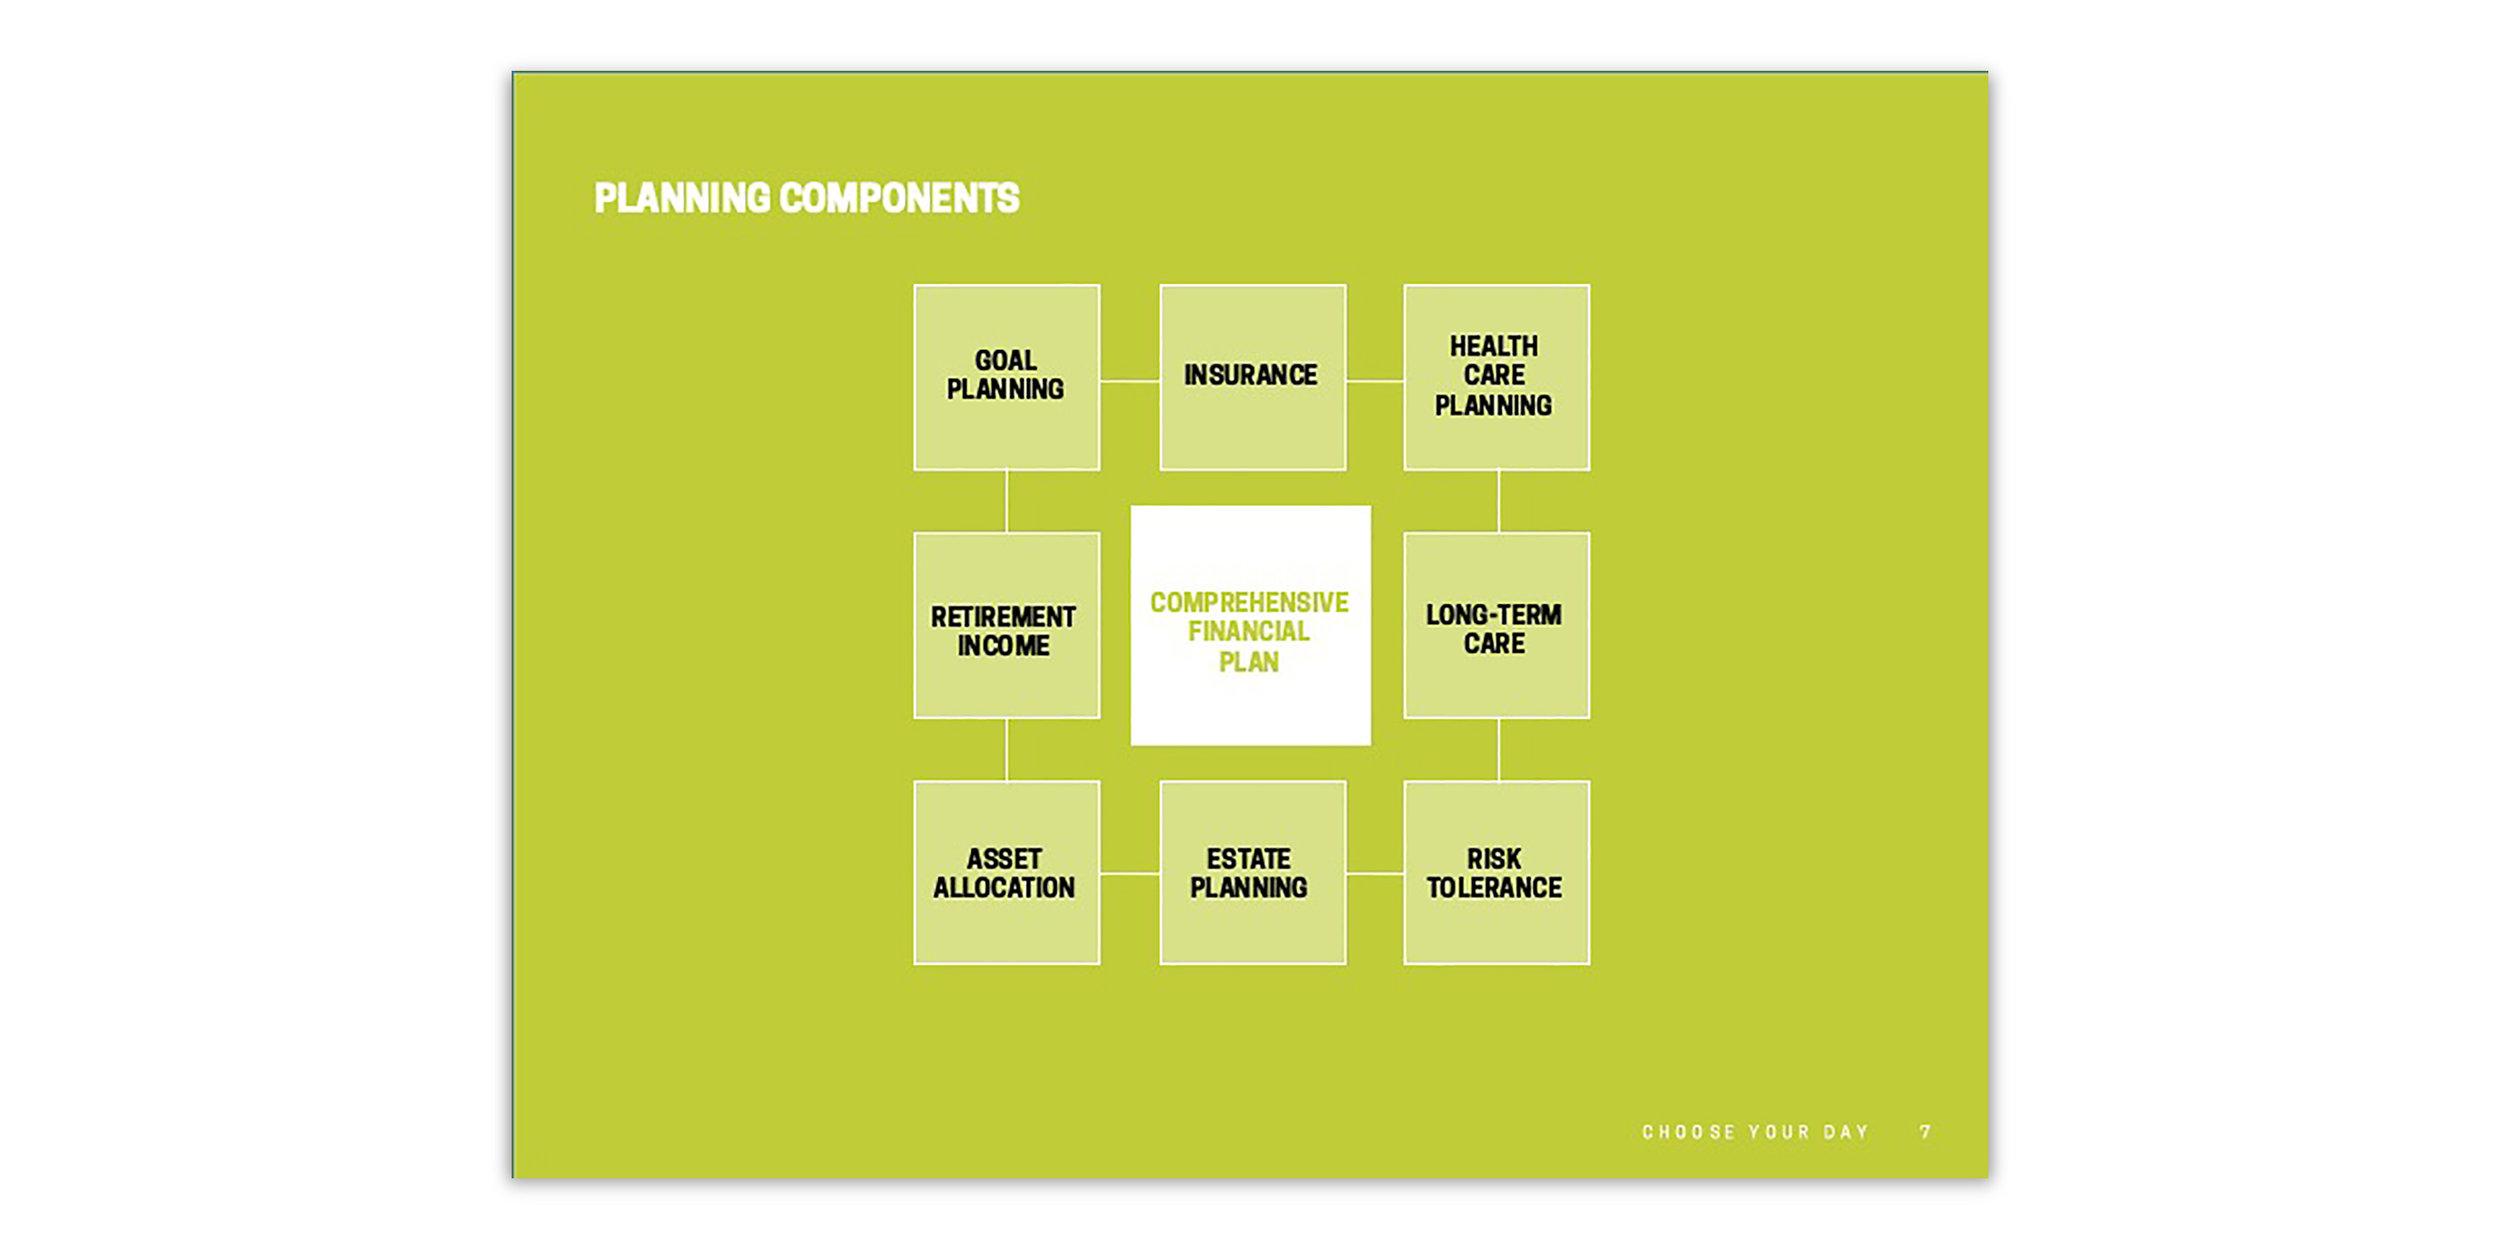 Web_Samples_SheridanRoad_Powerpoint_7.jpg